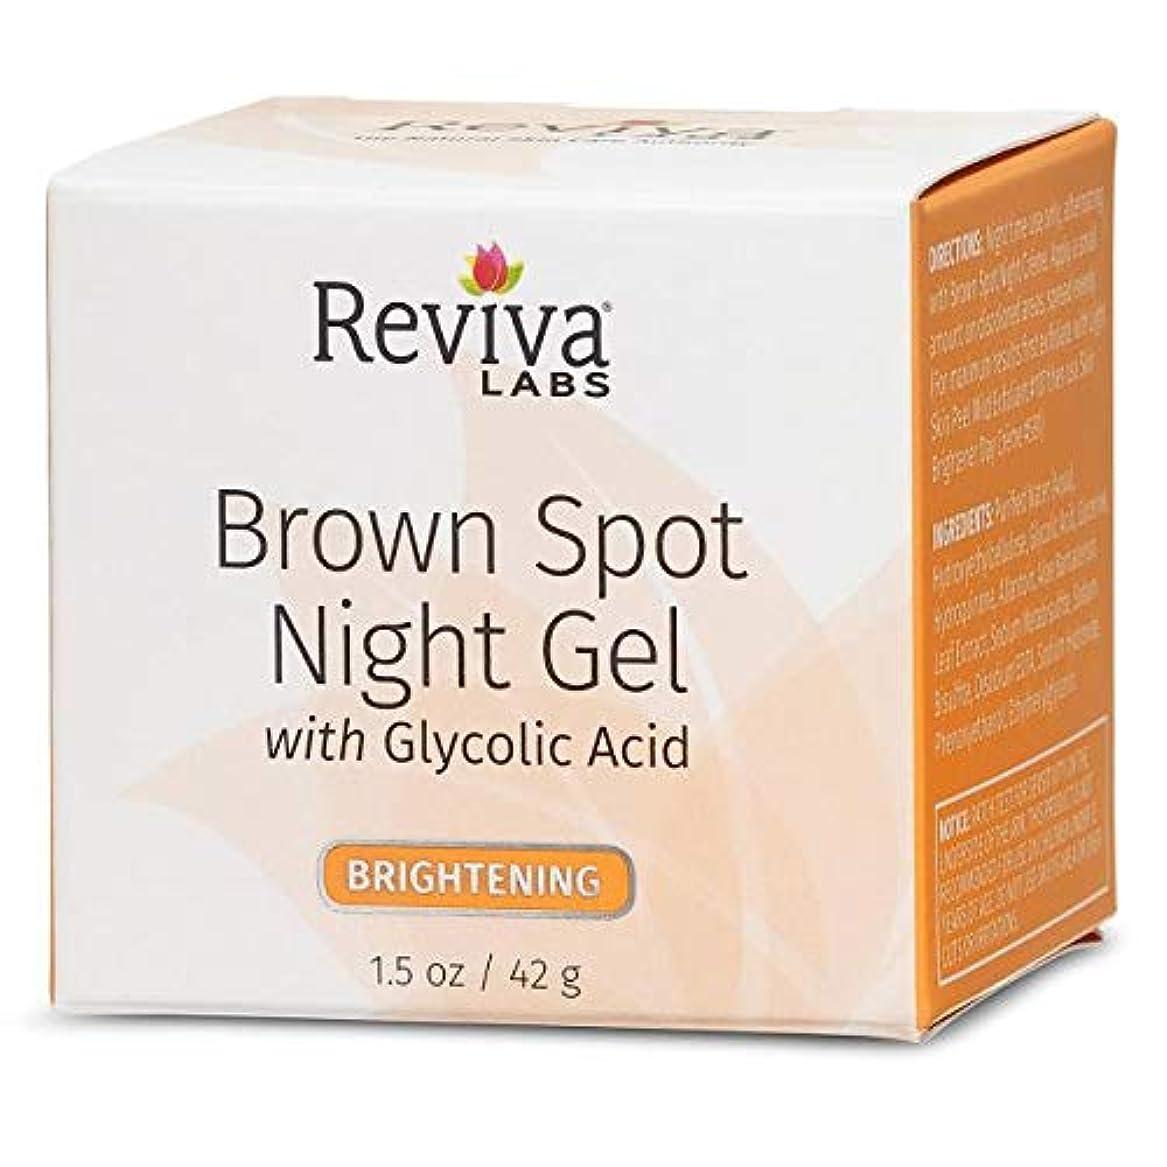 ウイルス八深くブラウンスポット ナイトジェル グリコール酸入り 1.25oz. REVIVA LABS社製 海外直送品